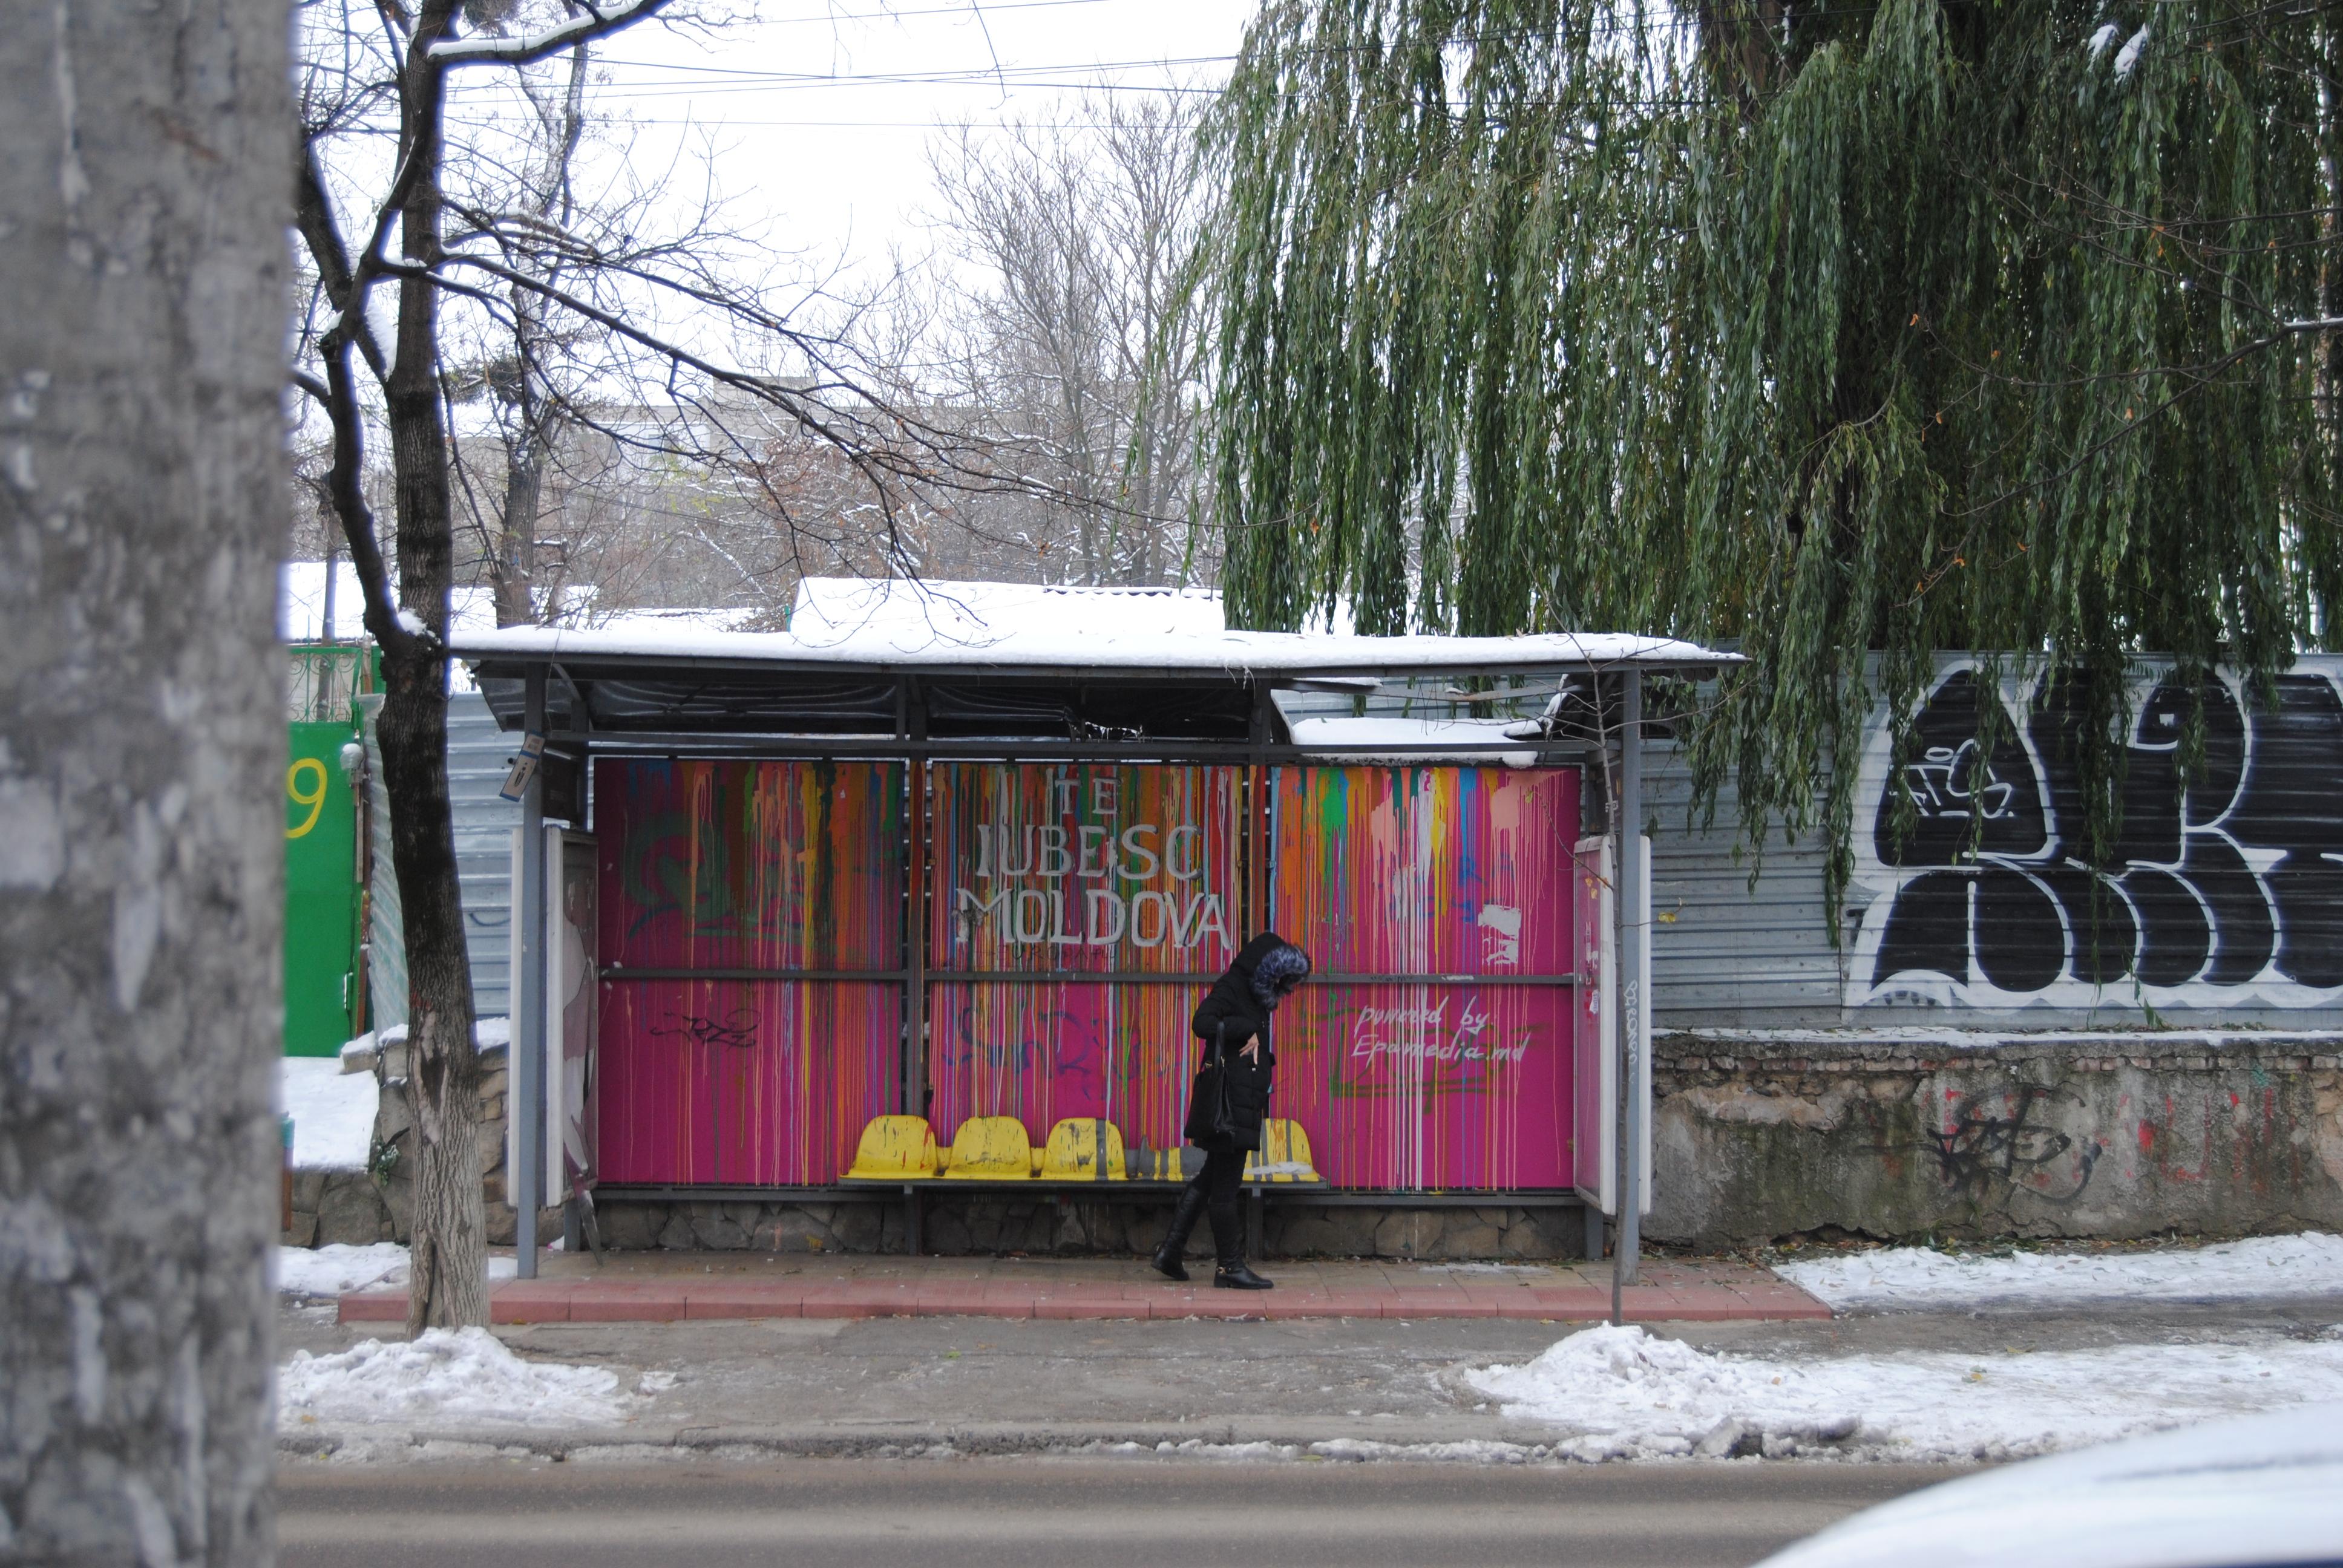 Parada de trolebús en Chisinau